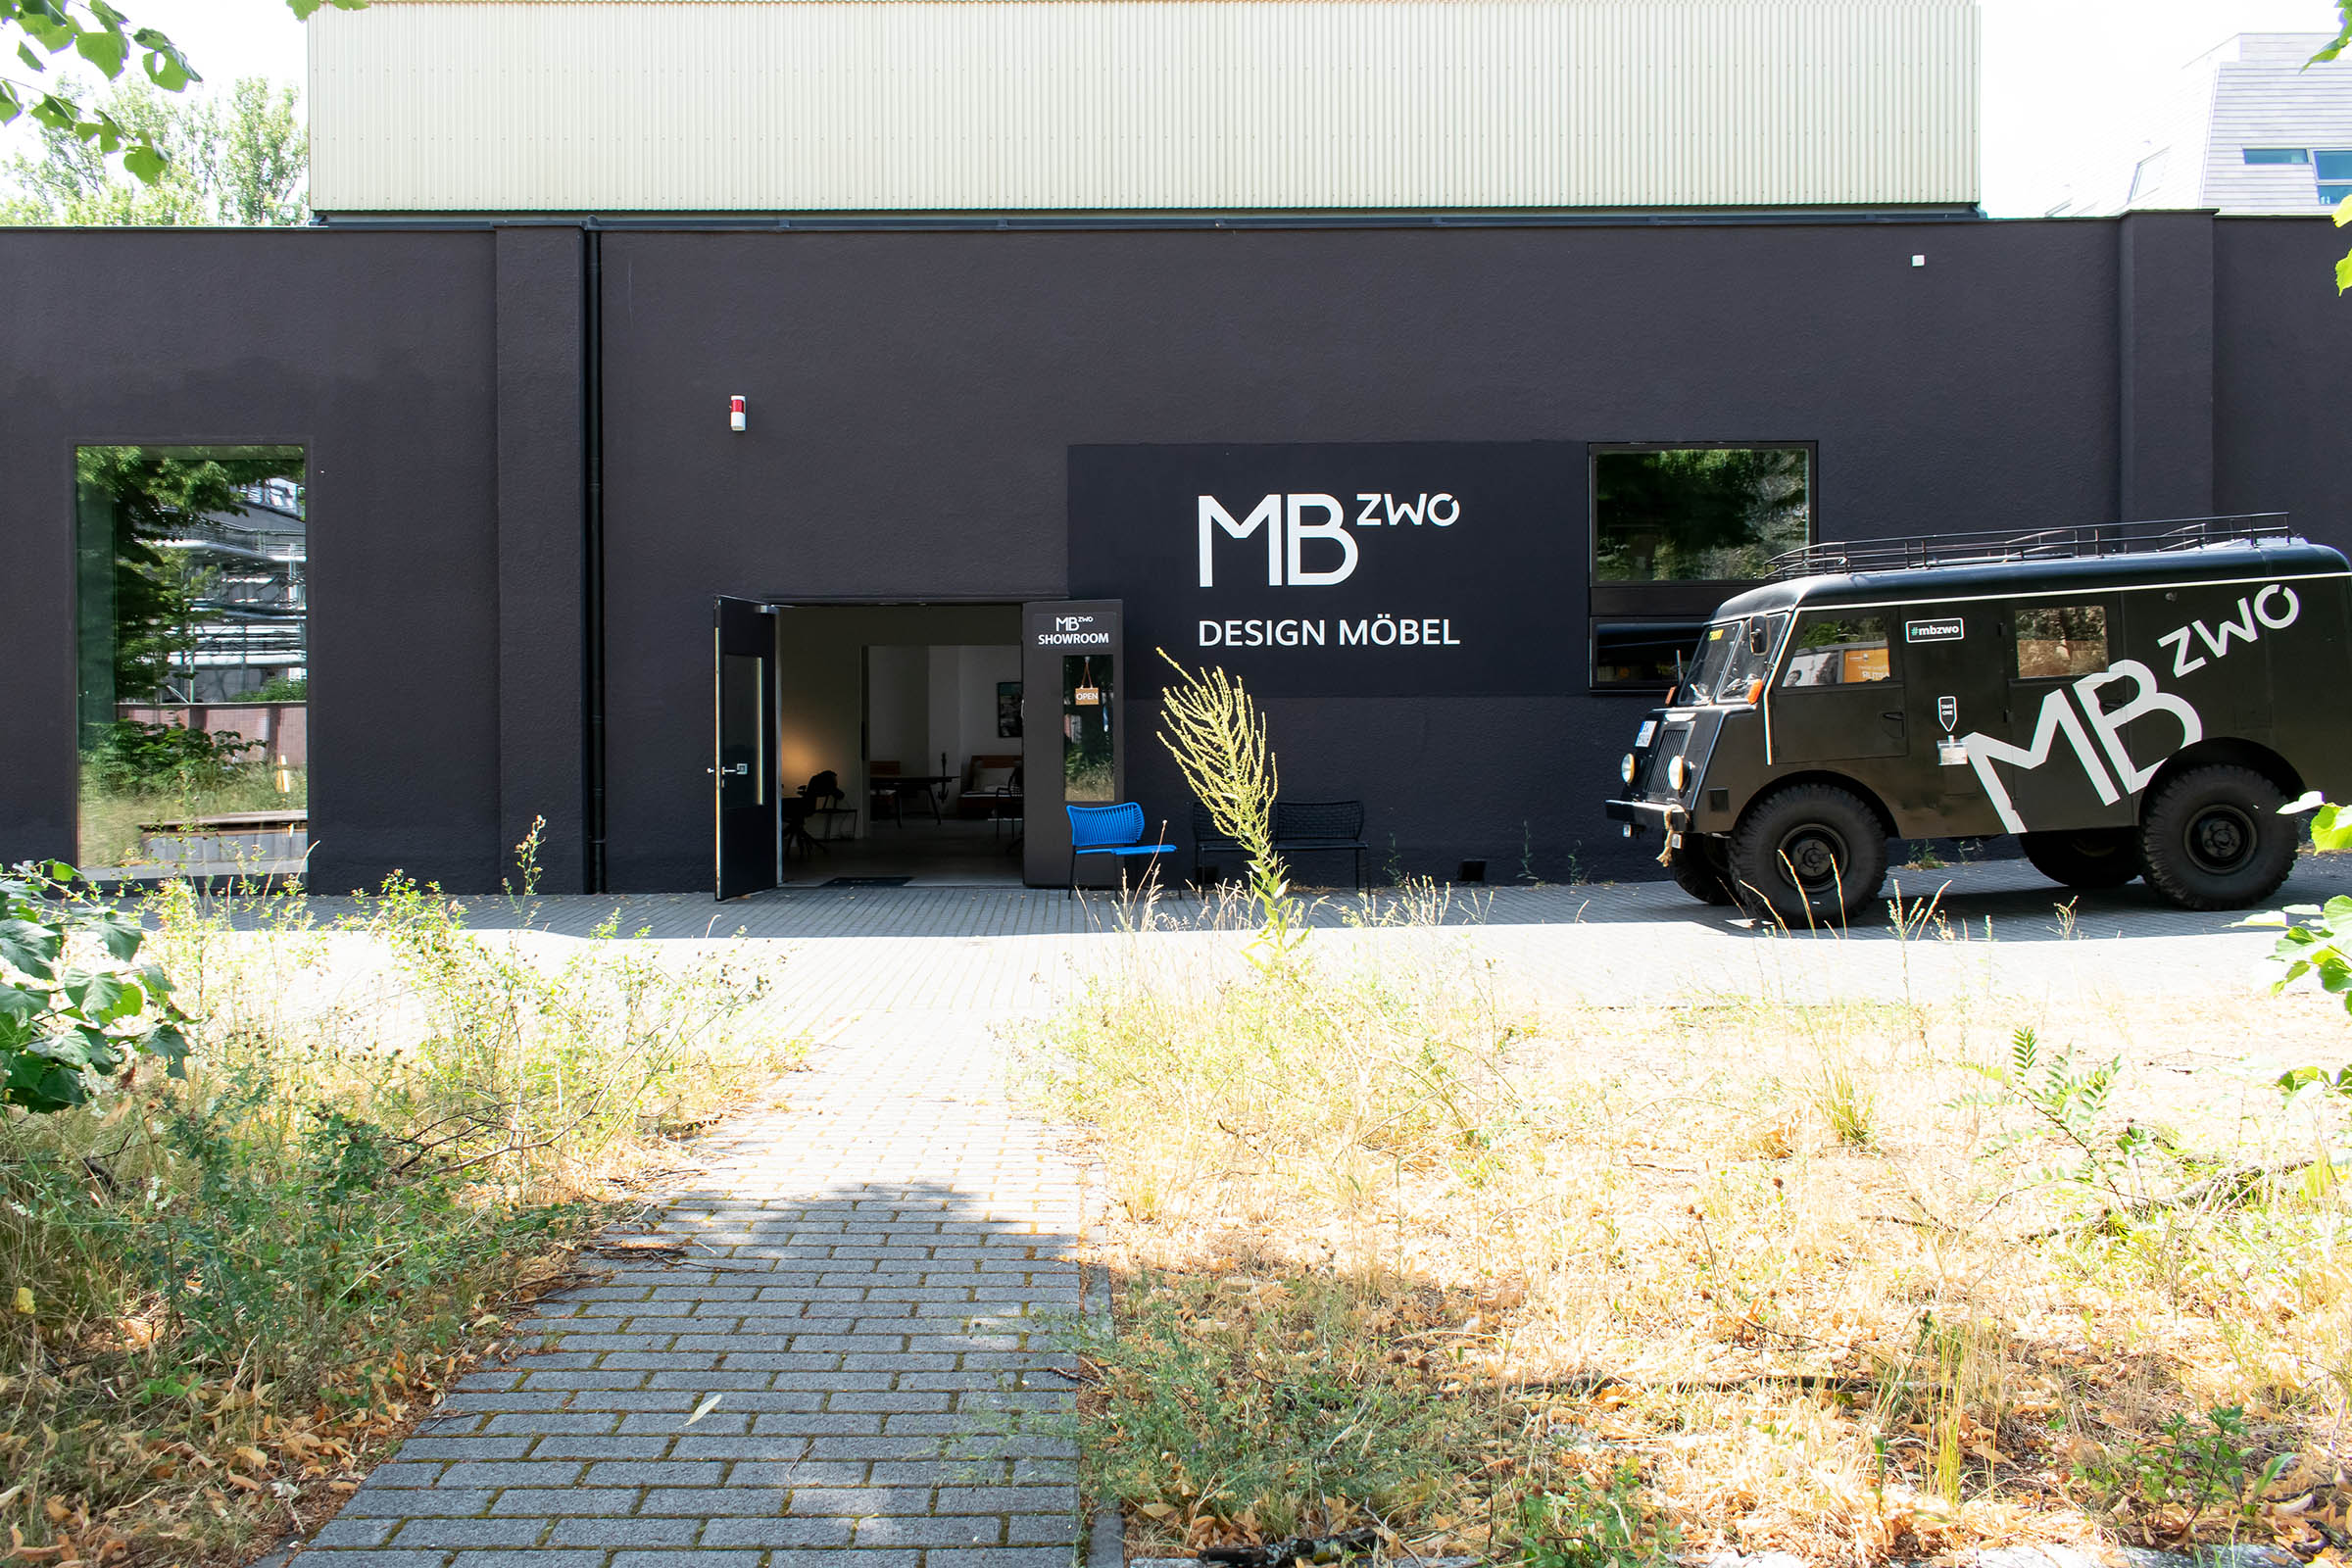 MBzwo Showroom und Firmen Wagen